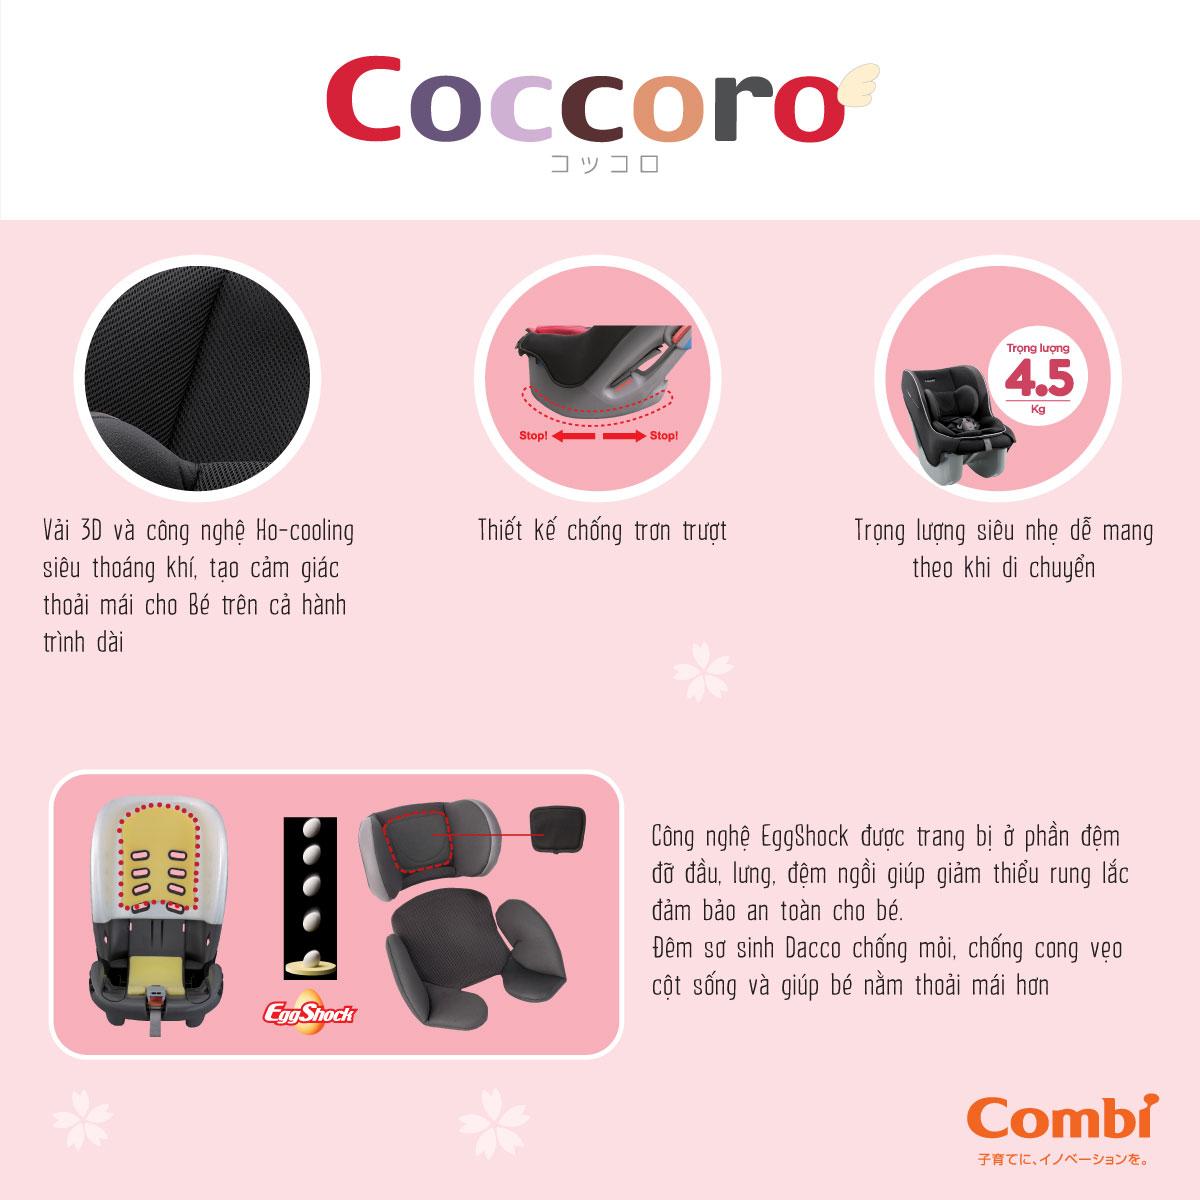 Ghế ngồi ô tô Combi Coccoro EG màu đen